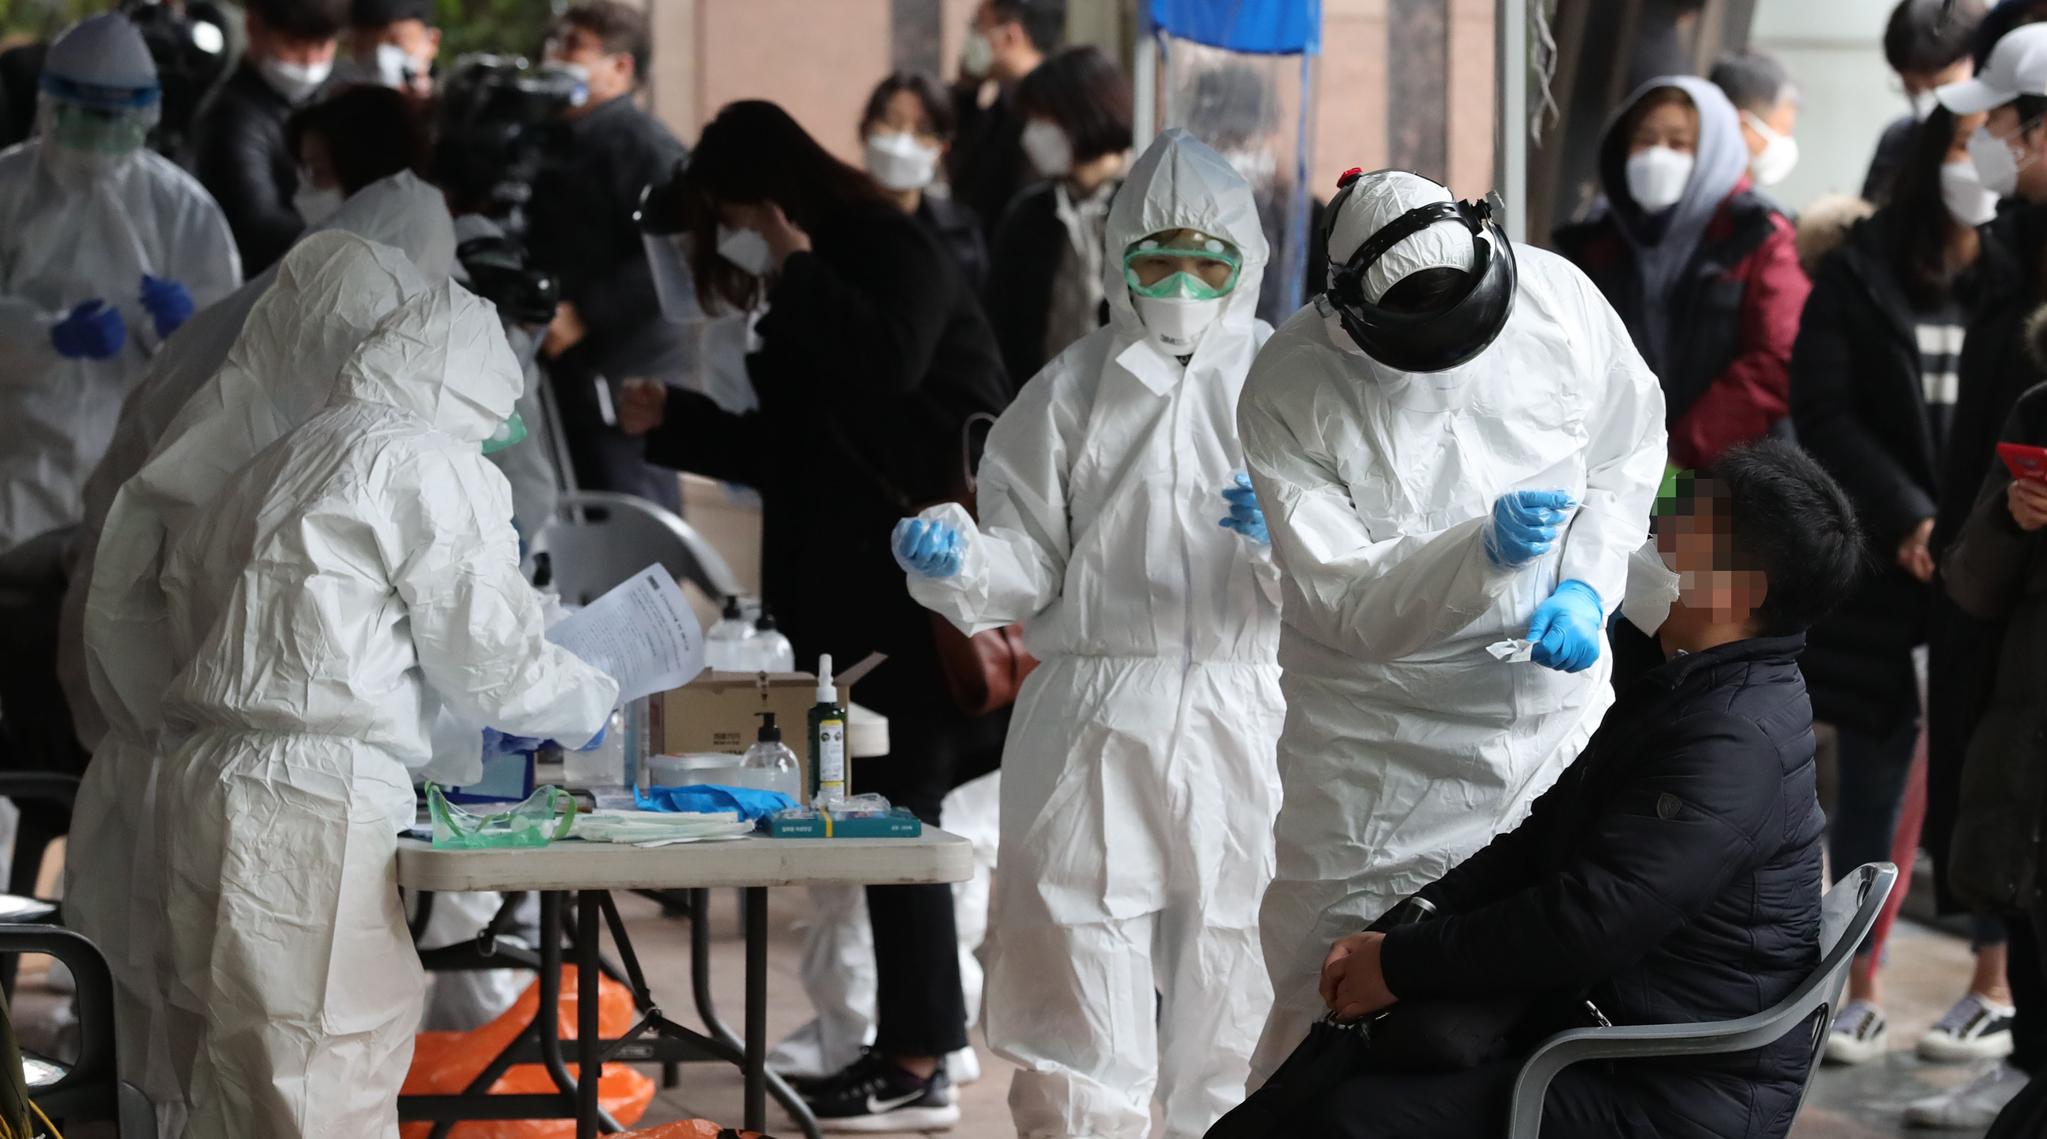 10일 오전 신종코로나바이러스 감염증(코로나19) 확진자가 무더기로 발생한 서울 구로구 코리아빌딩에 마련된 선별진료소에서 구로구보건소 관계자가 검체 채취를 하고 있다. 연합뉴스